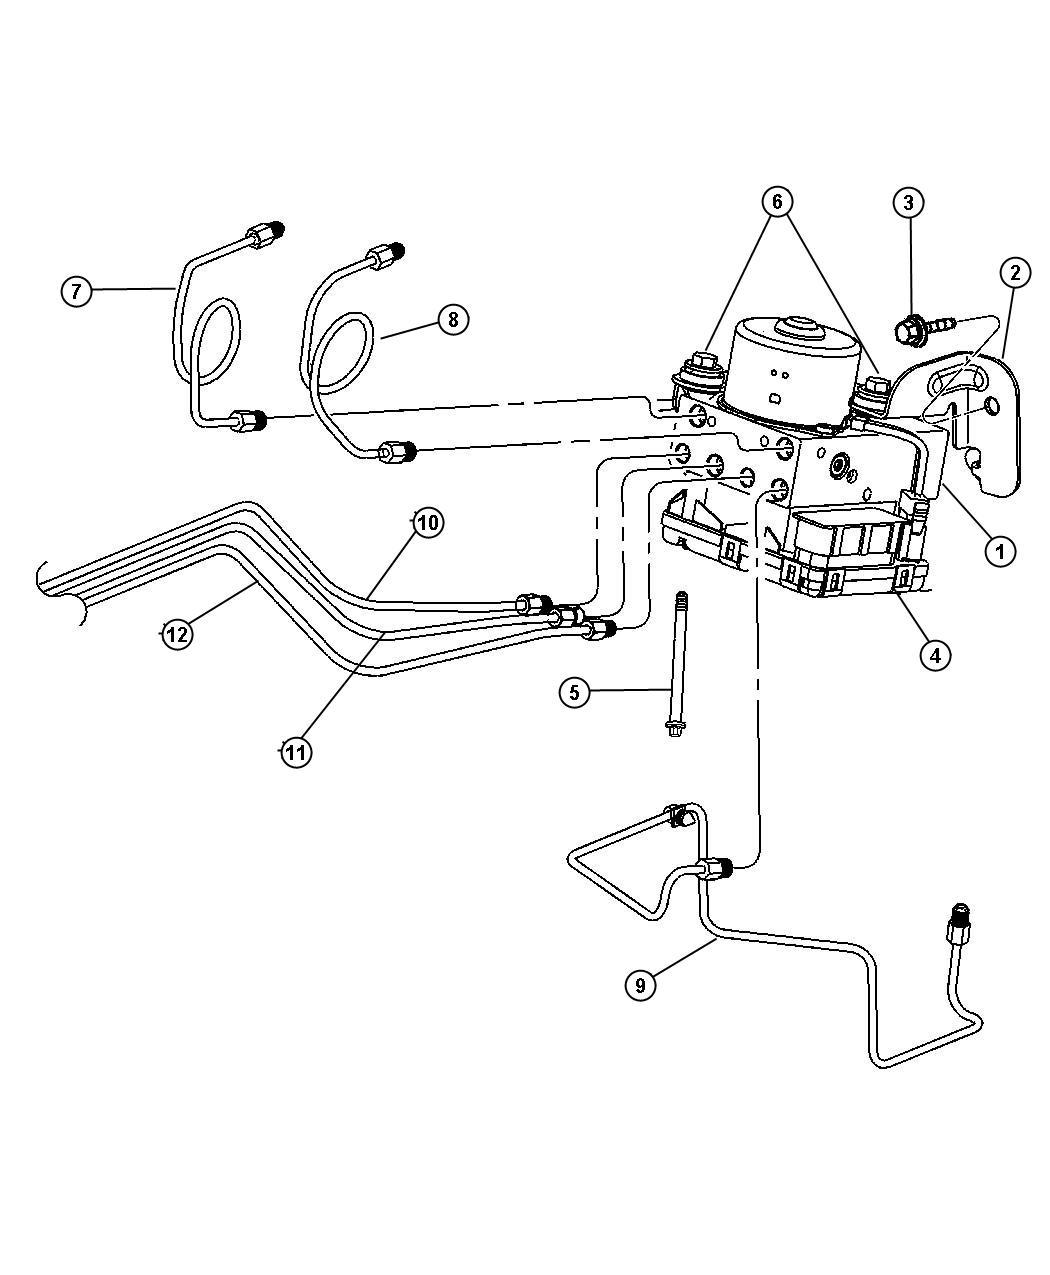 Chrysler Pt Cruiser Module. Anti-lock brakes. Disctraction